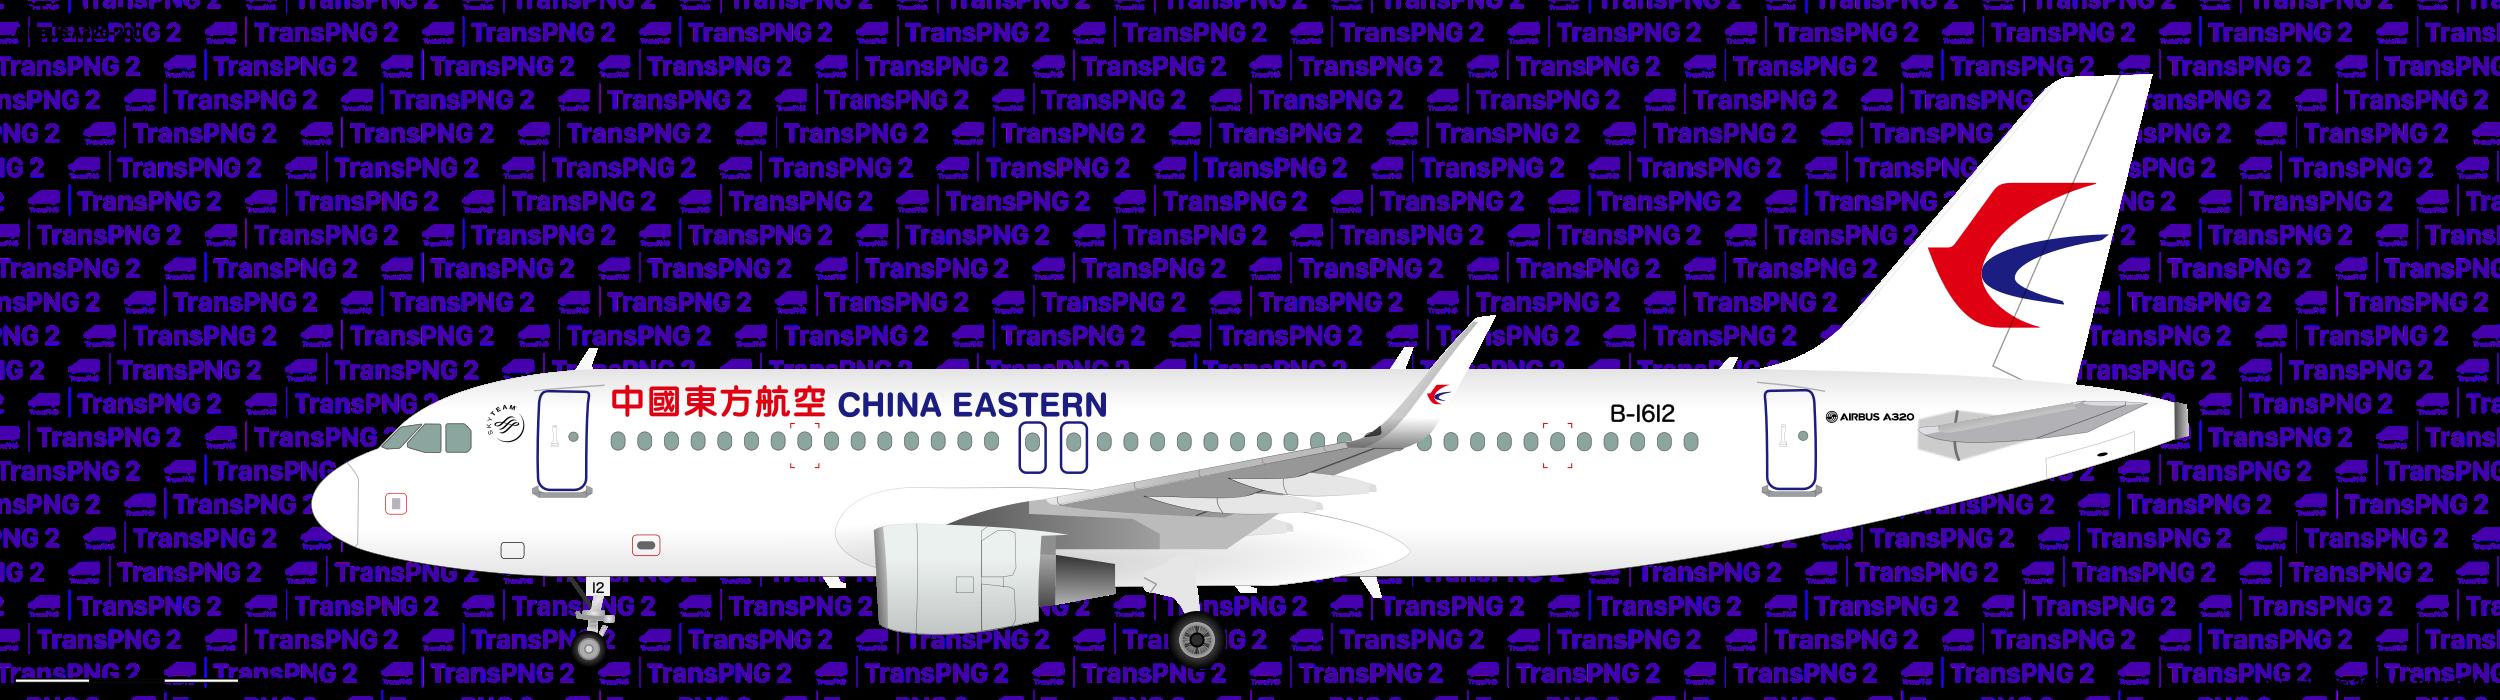 [25055] 中國東方航空 25055